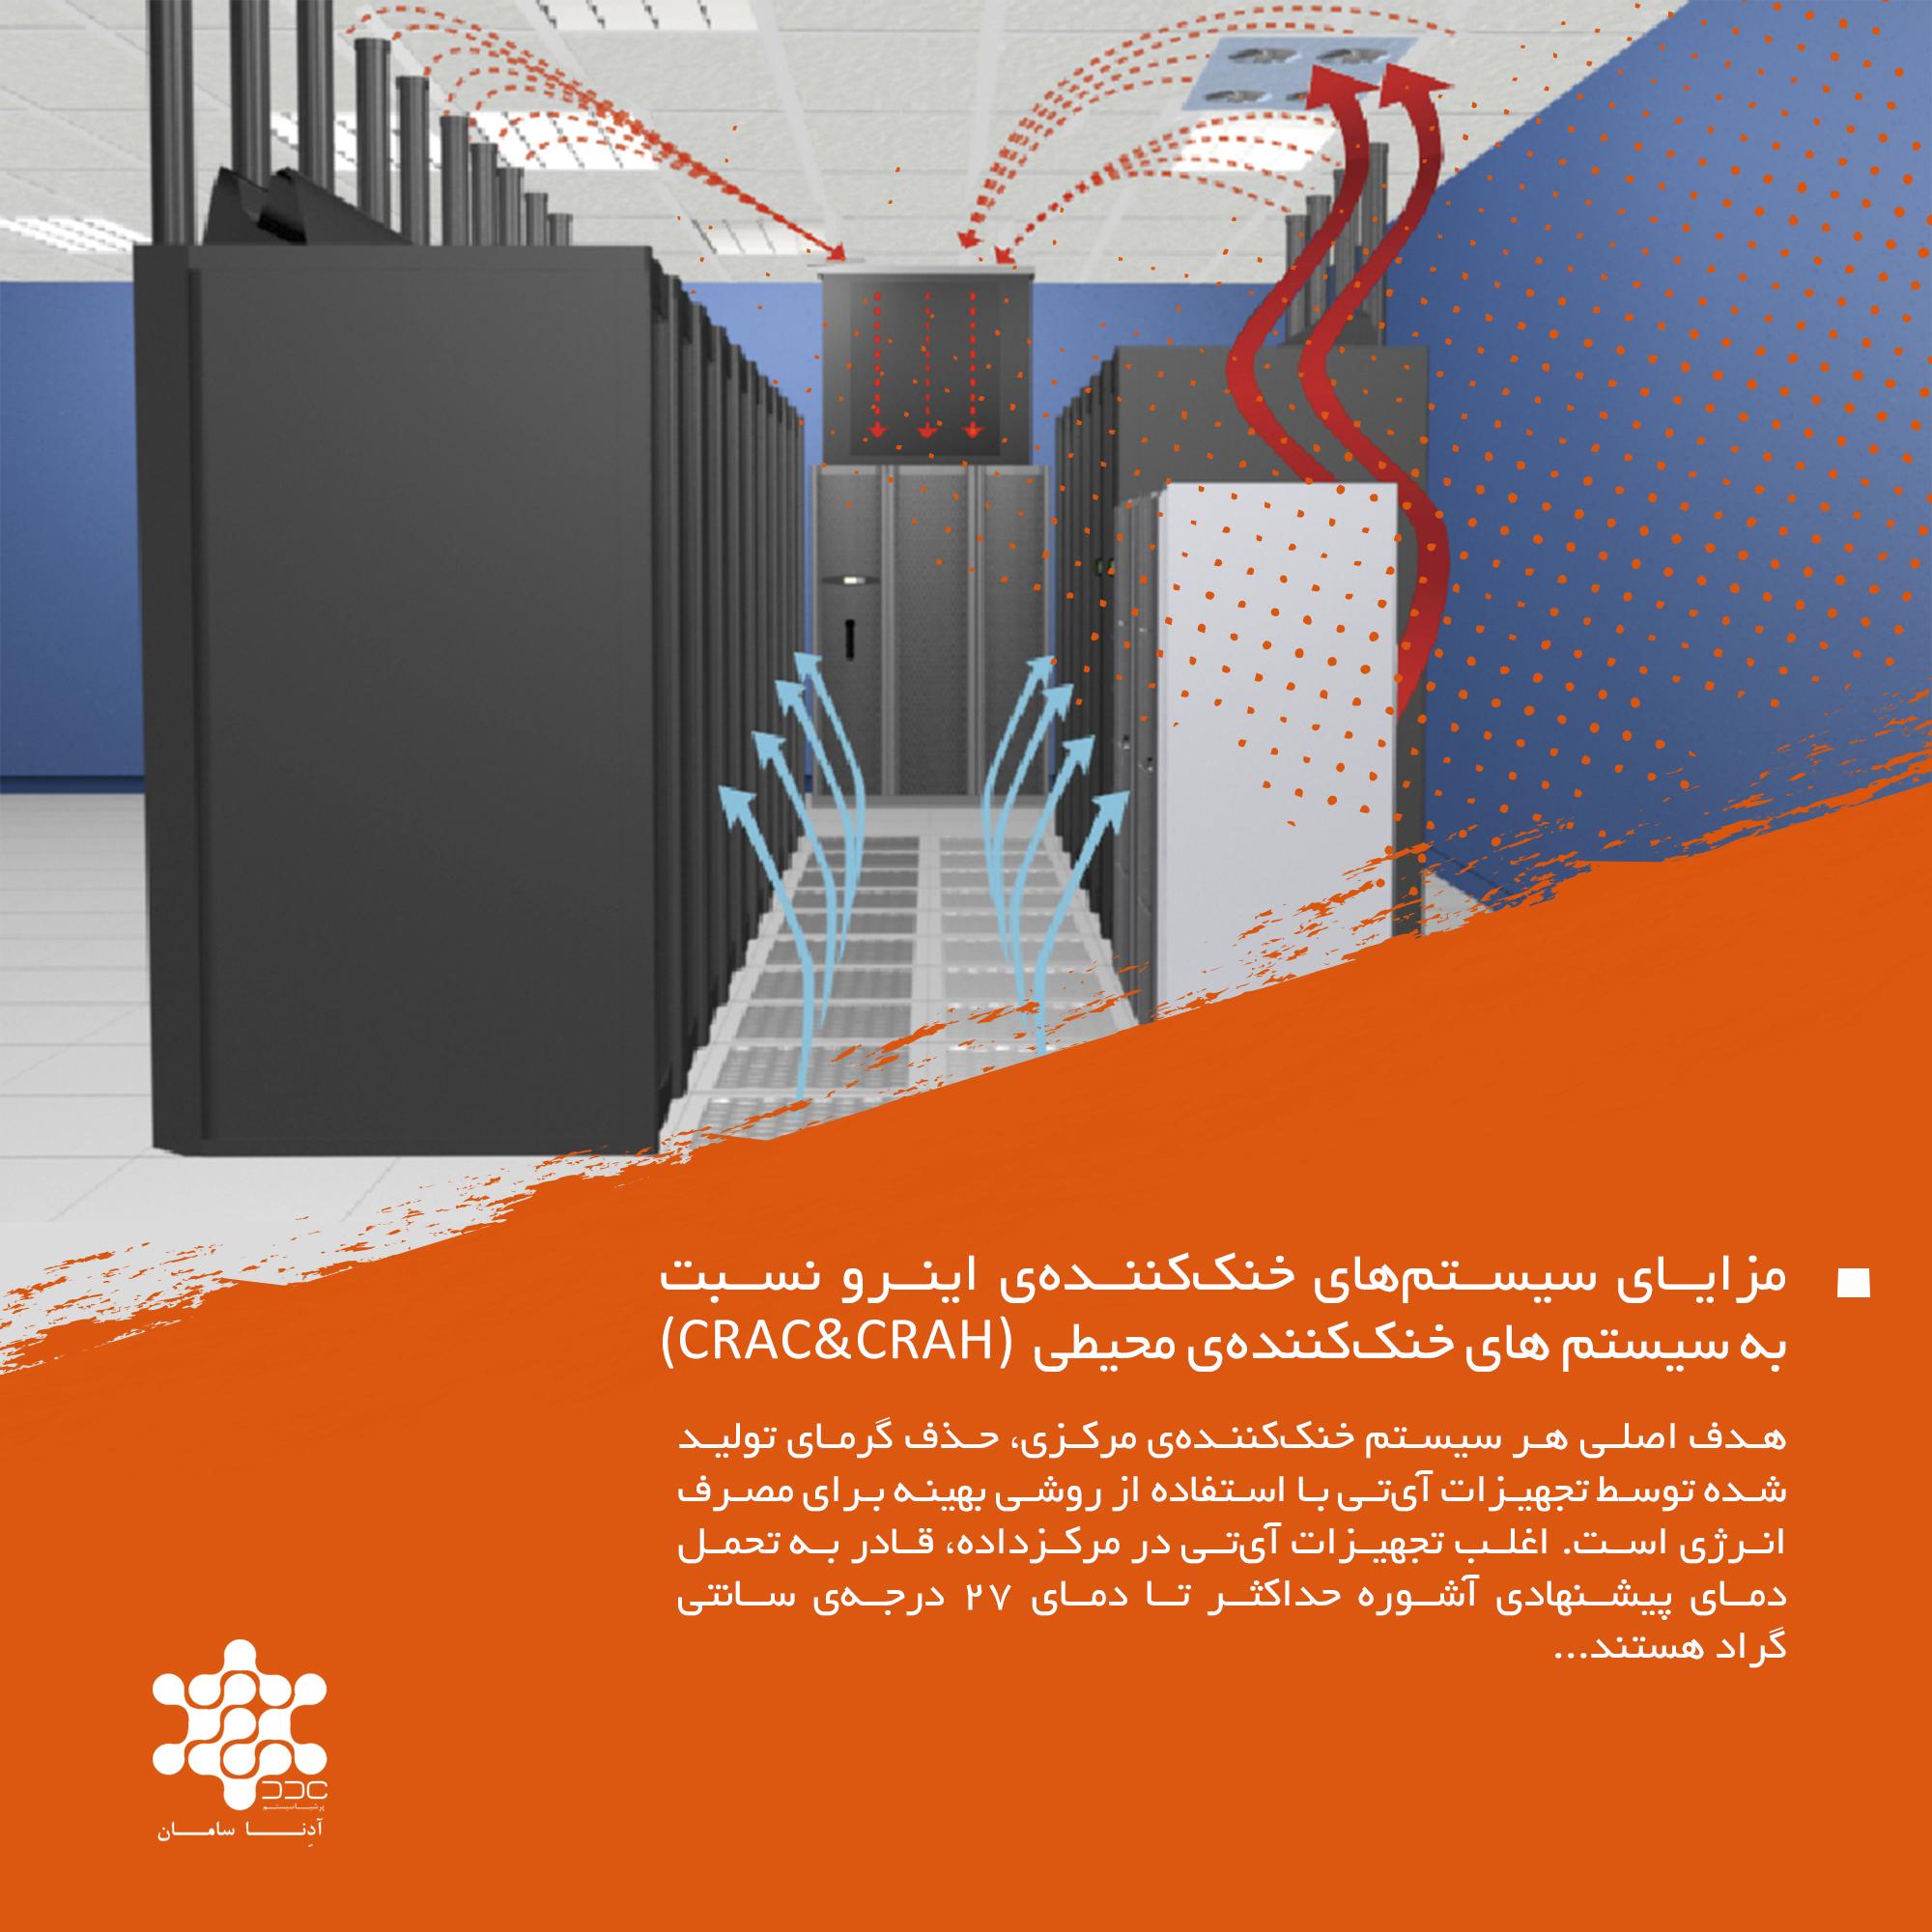 مزایای سیستمهای خنککنندهی اینرو نسبت به سیستمهای خنککنندهی محیطی (CRAC&CRAH)